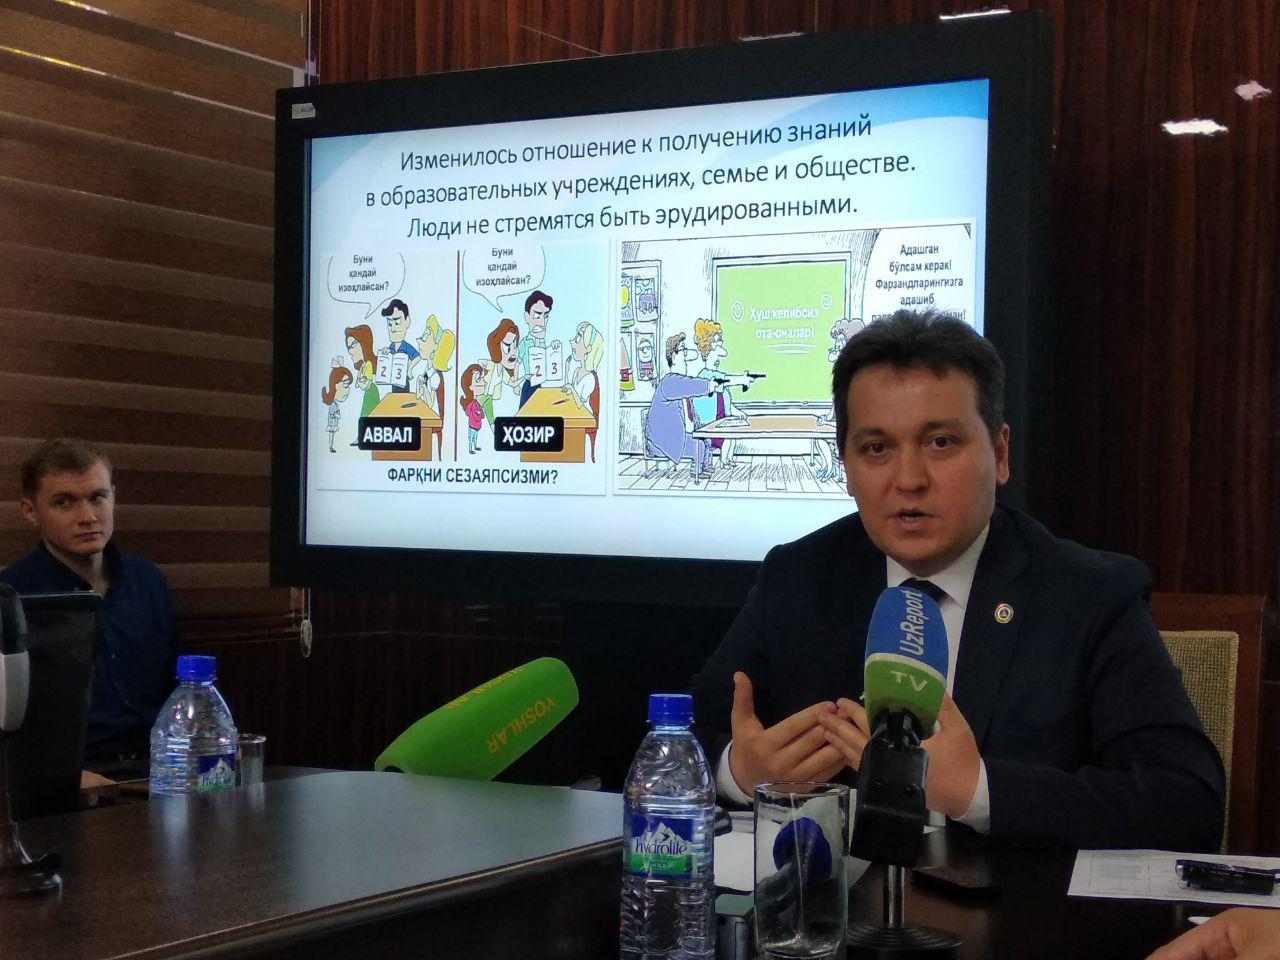 Шерзод Шерматов: «Переполненные школьные классы – это следствие нехватки учителей, обучающих на русском языке»